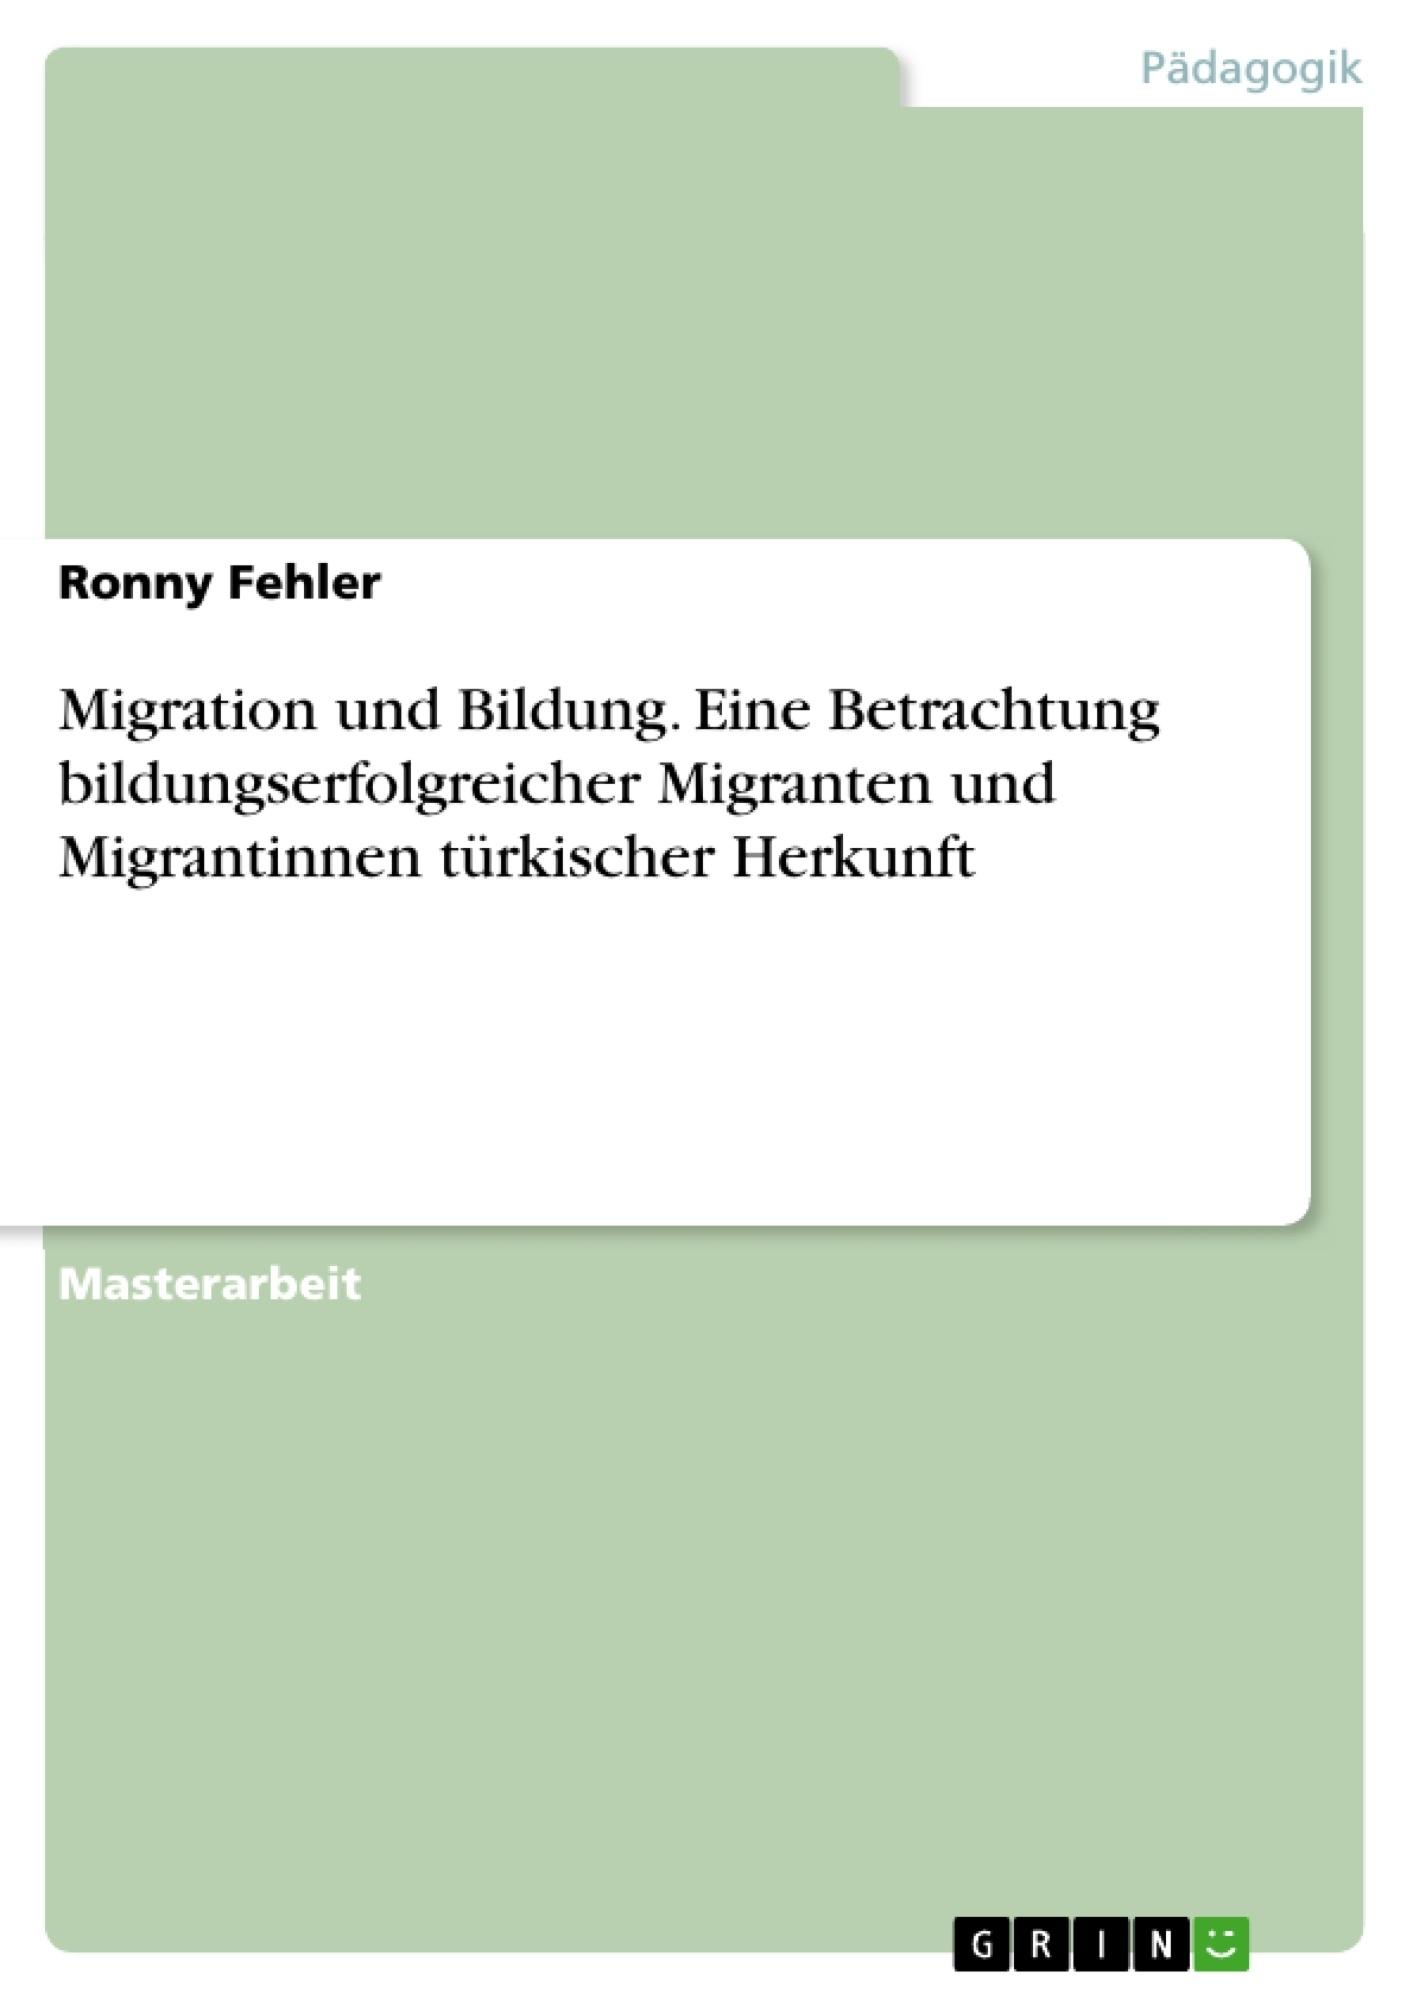 Titel: Migration und Bildung. Eine Betrachtung bildungserfolgreicher Migranten und Migrantinnen türkischer Herkunft